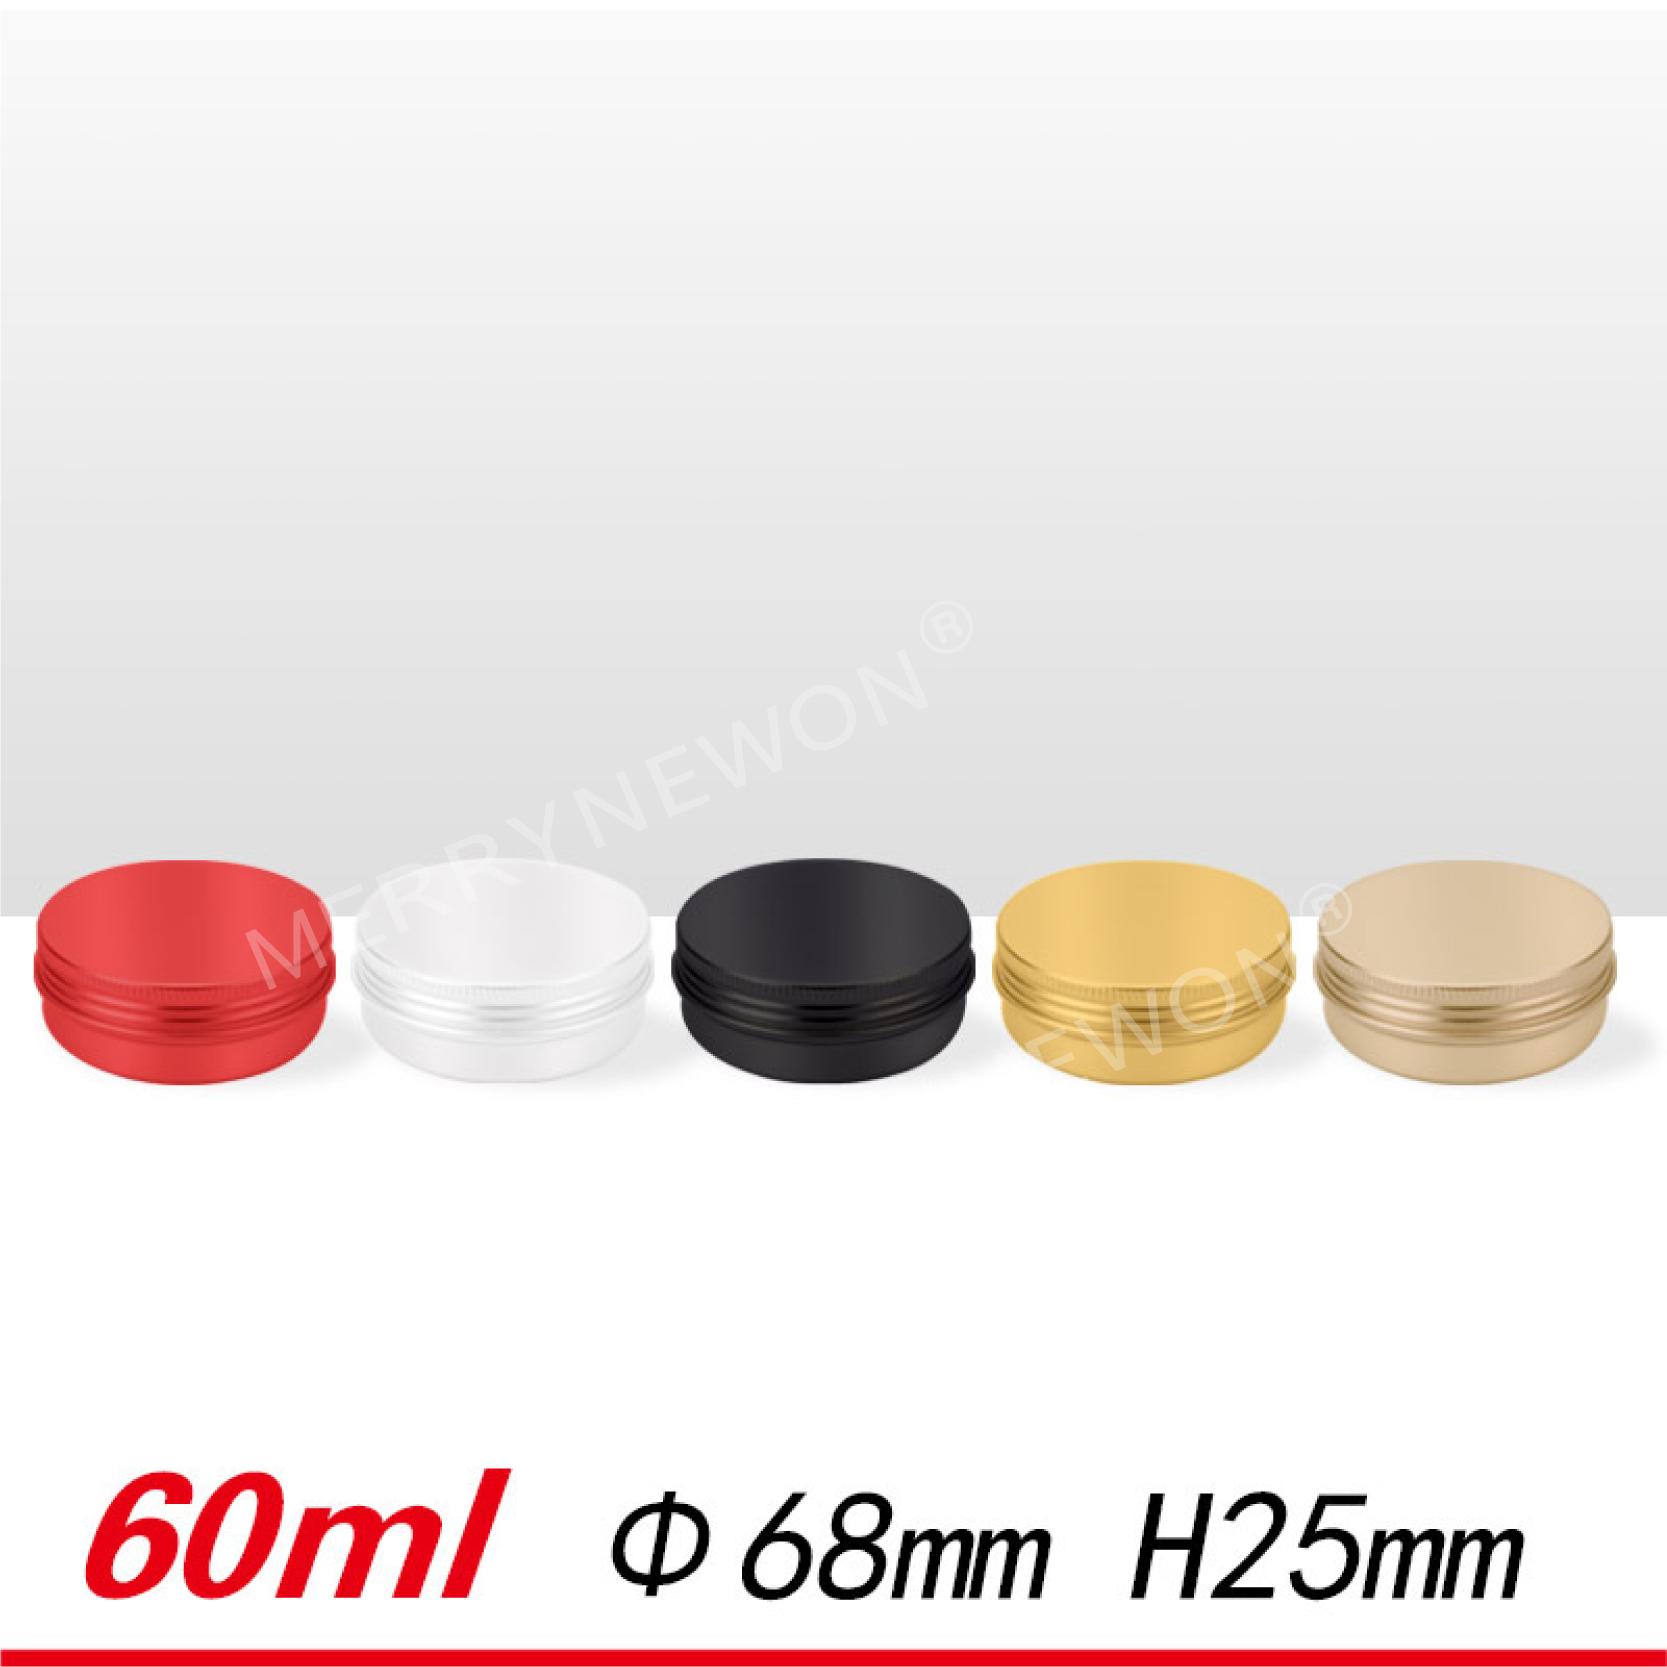 60 ml/2 oz aluminium tin met deksel voor cosmetische container met zilver/zwart/wit/gloden /rood/kleur aluminium kan-60 ml 6825mm